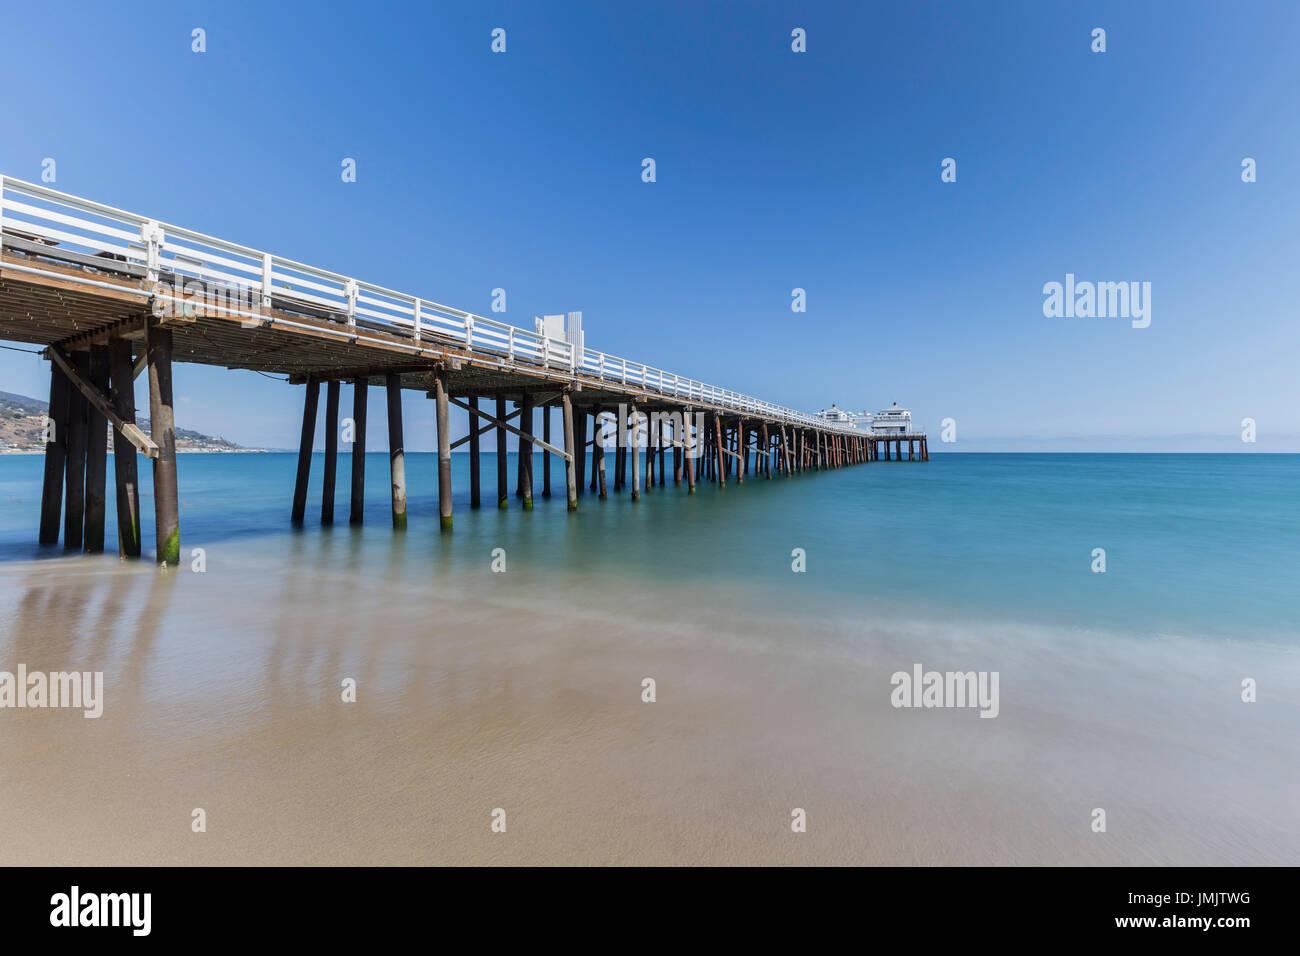 Malibu Pier beach avec le flou de l'eau près de Los Angeles en Californie. Photo Stock